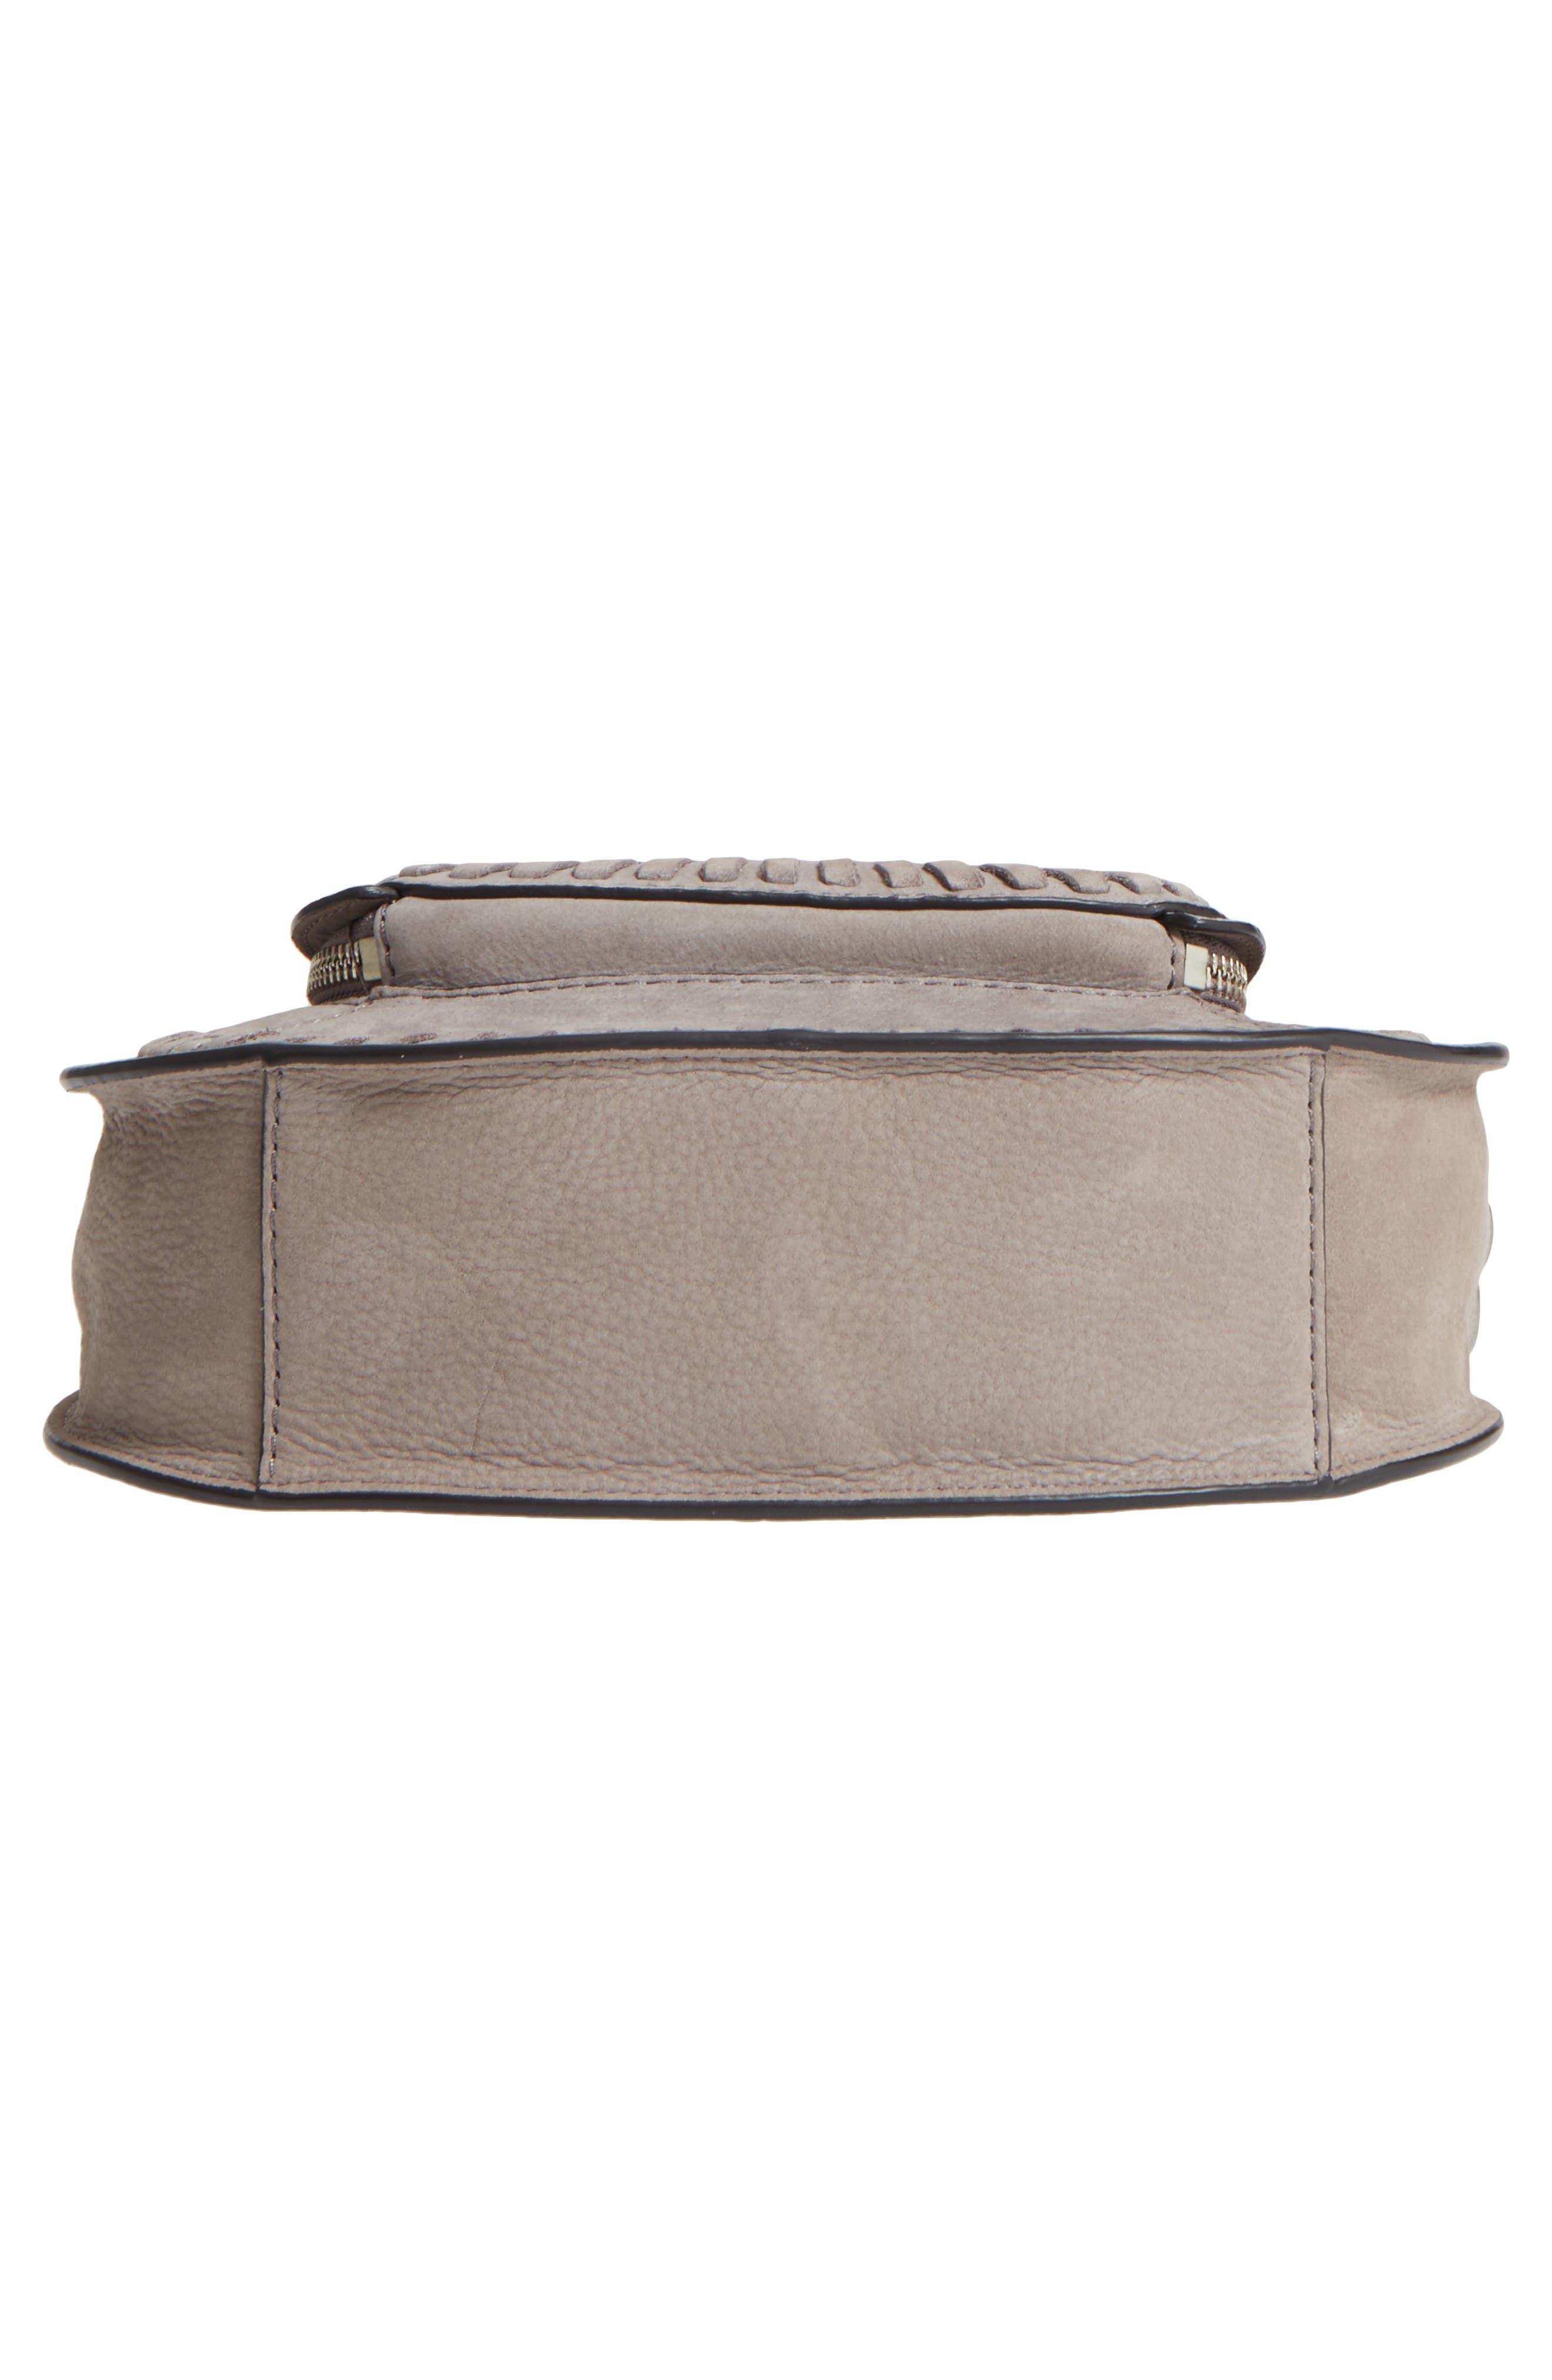 Mini Vanity Saddle Bag,                             Alternate thumbnail 6, color,                             020